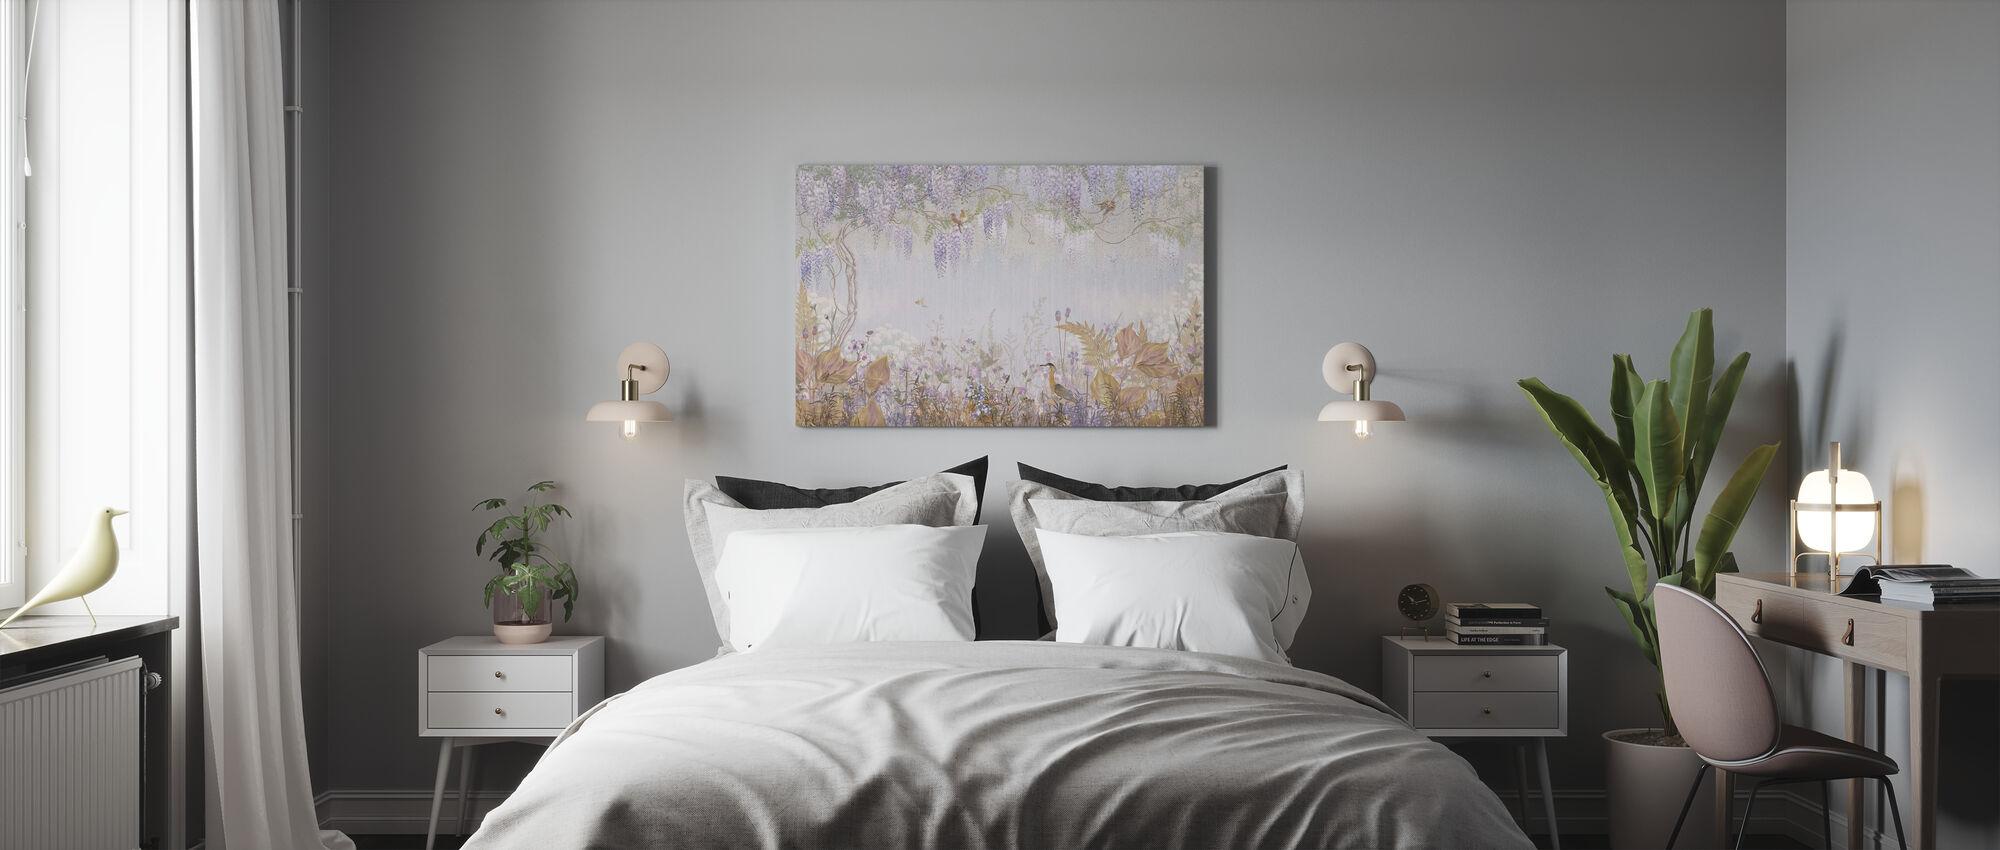 Purppura sumuinen metsä - Canvastaulu - Makuuhuone